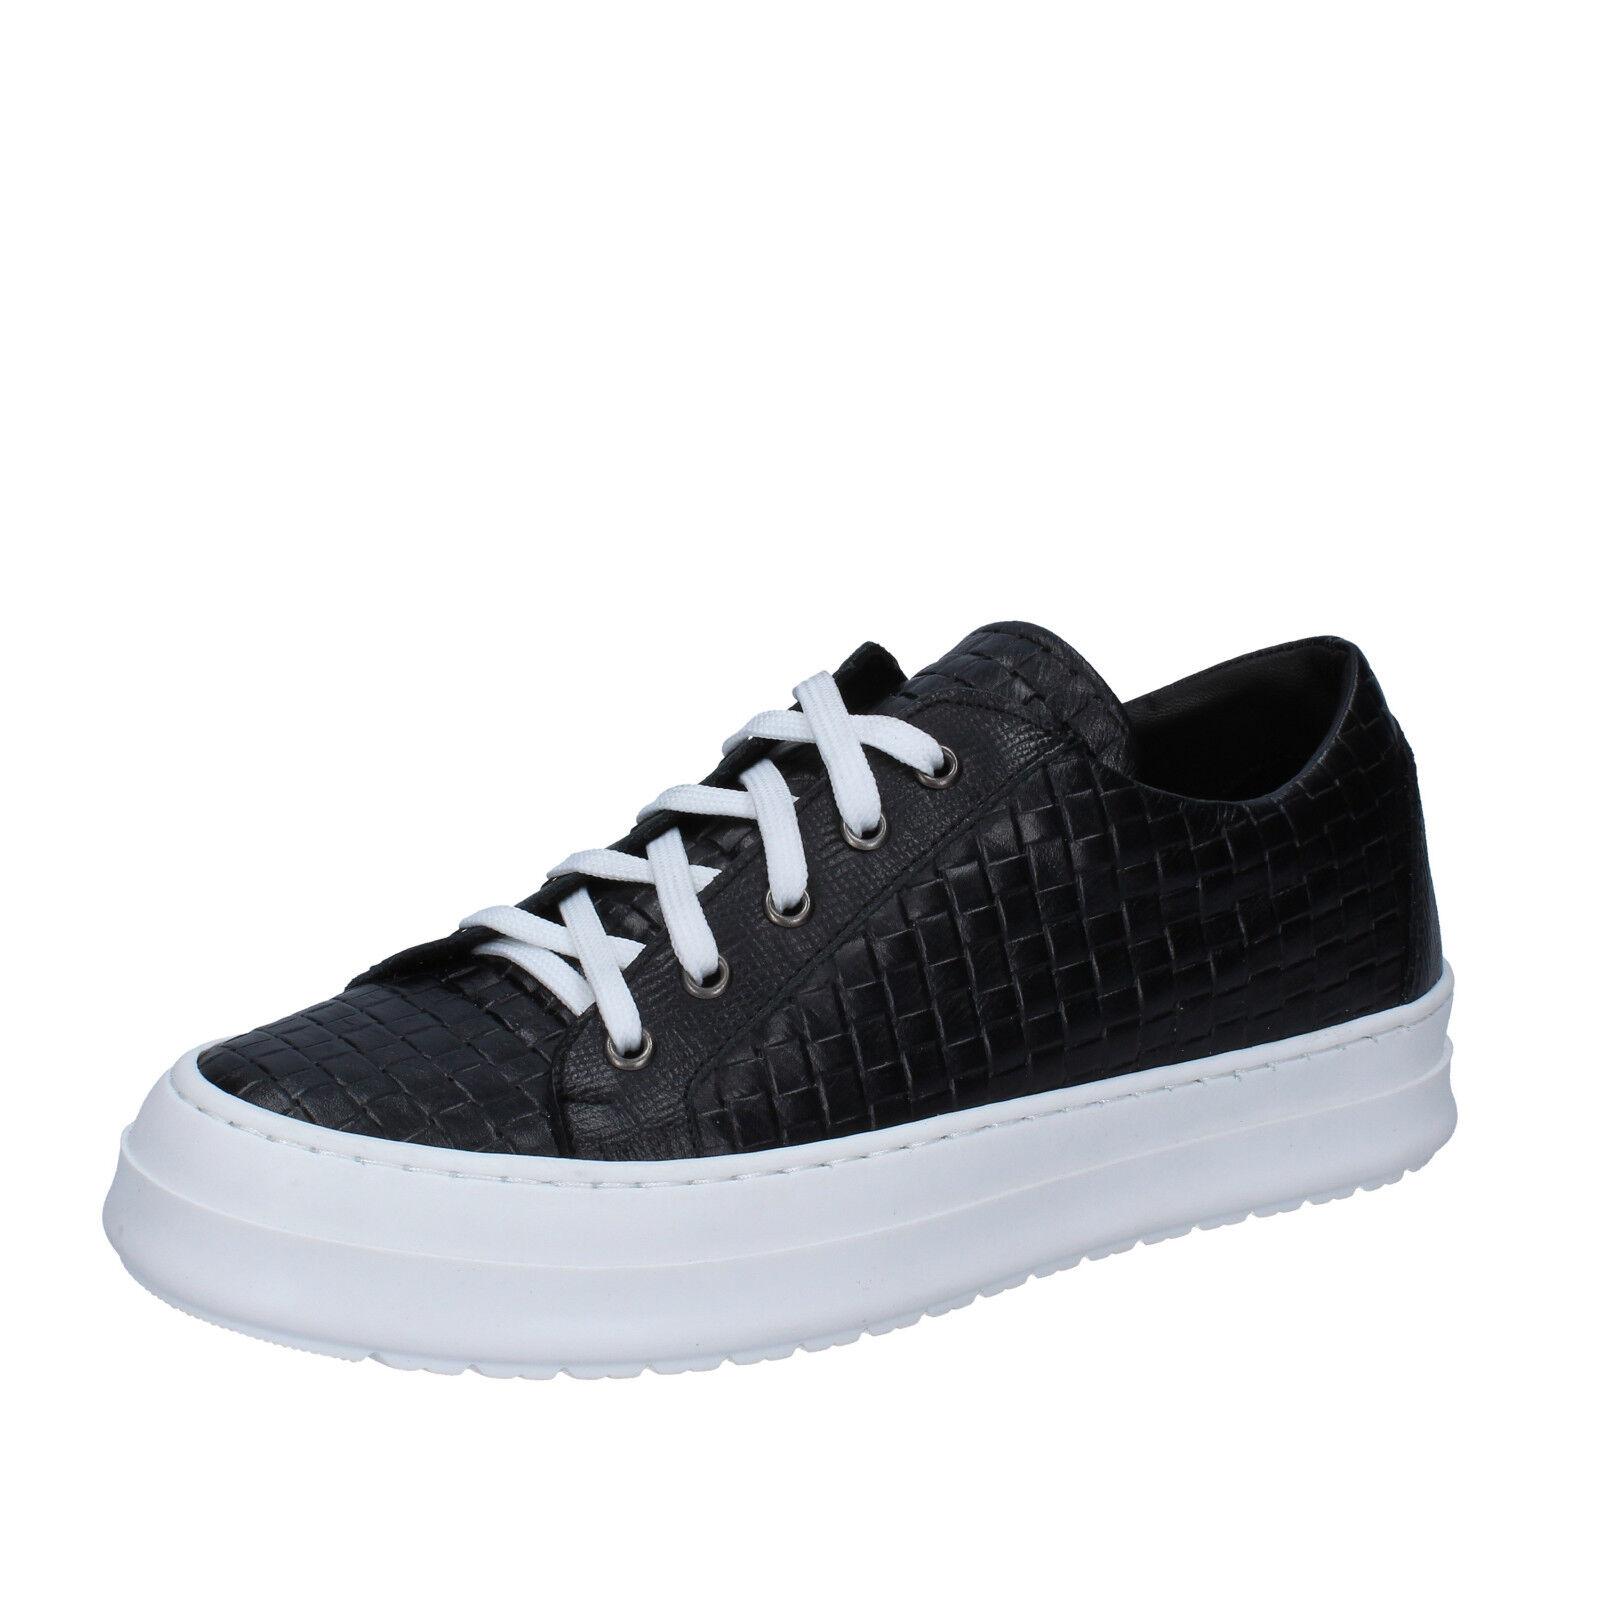 promozioni di squadra Scarpe uomo FDF scarpe 42 EU EU EU scarpe da ginnastica nero pelle BZ677-D  spedizione veloce e miglior servizio